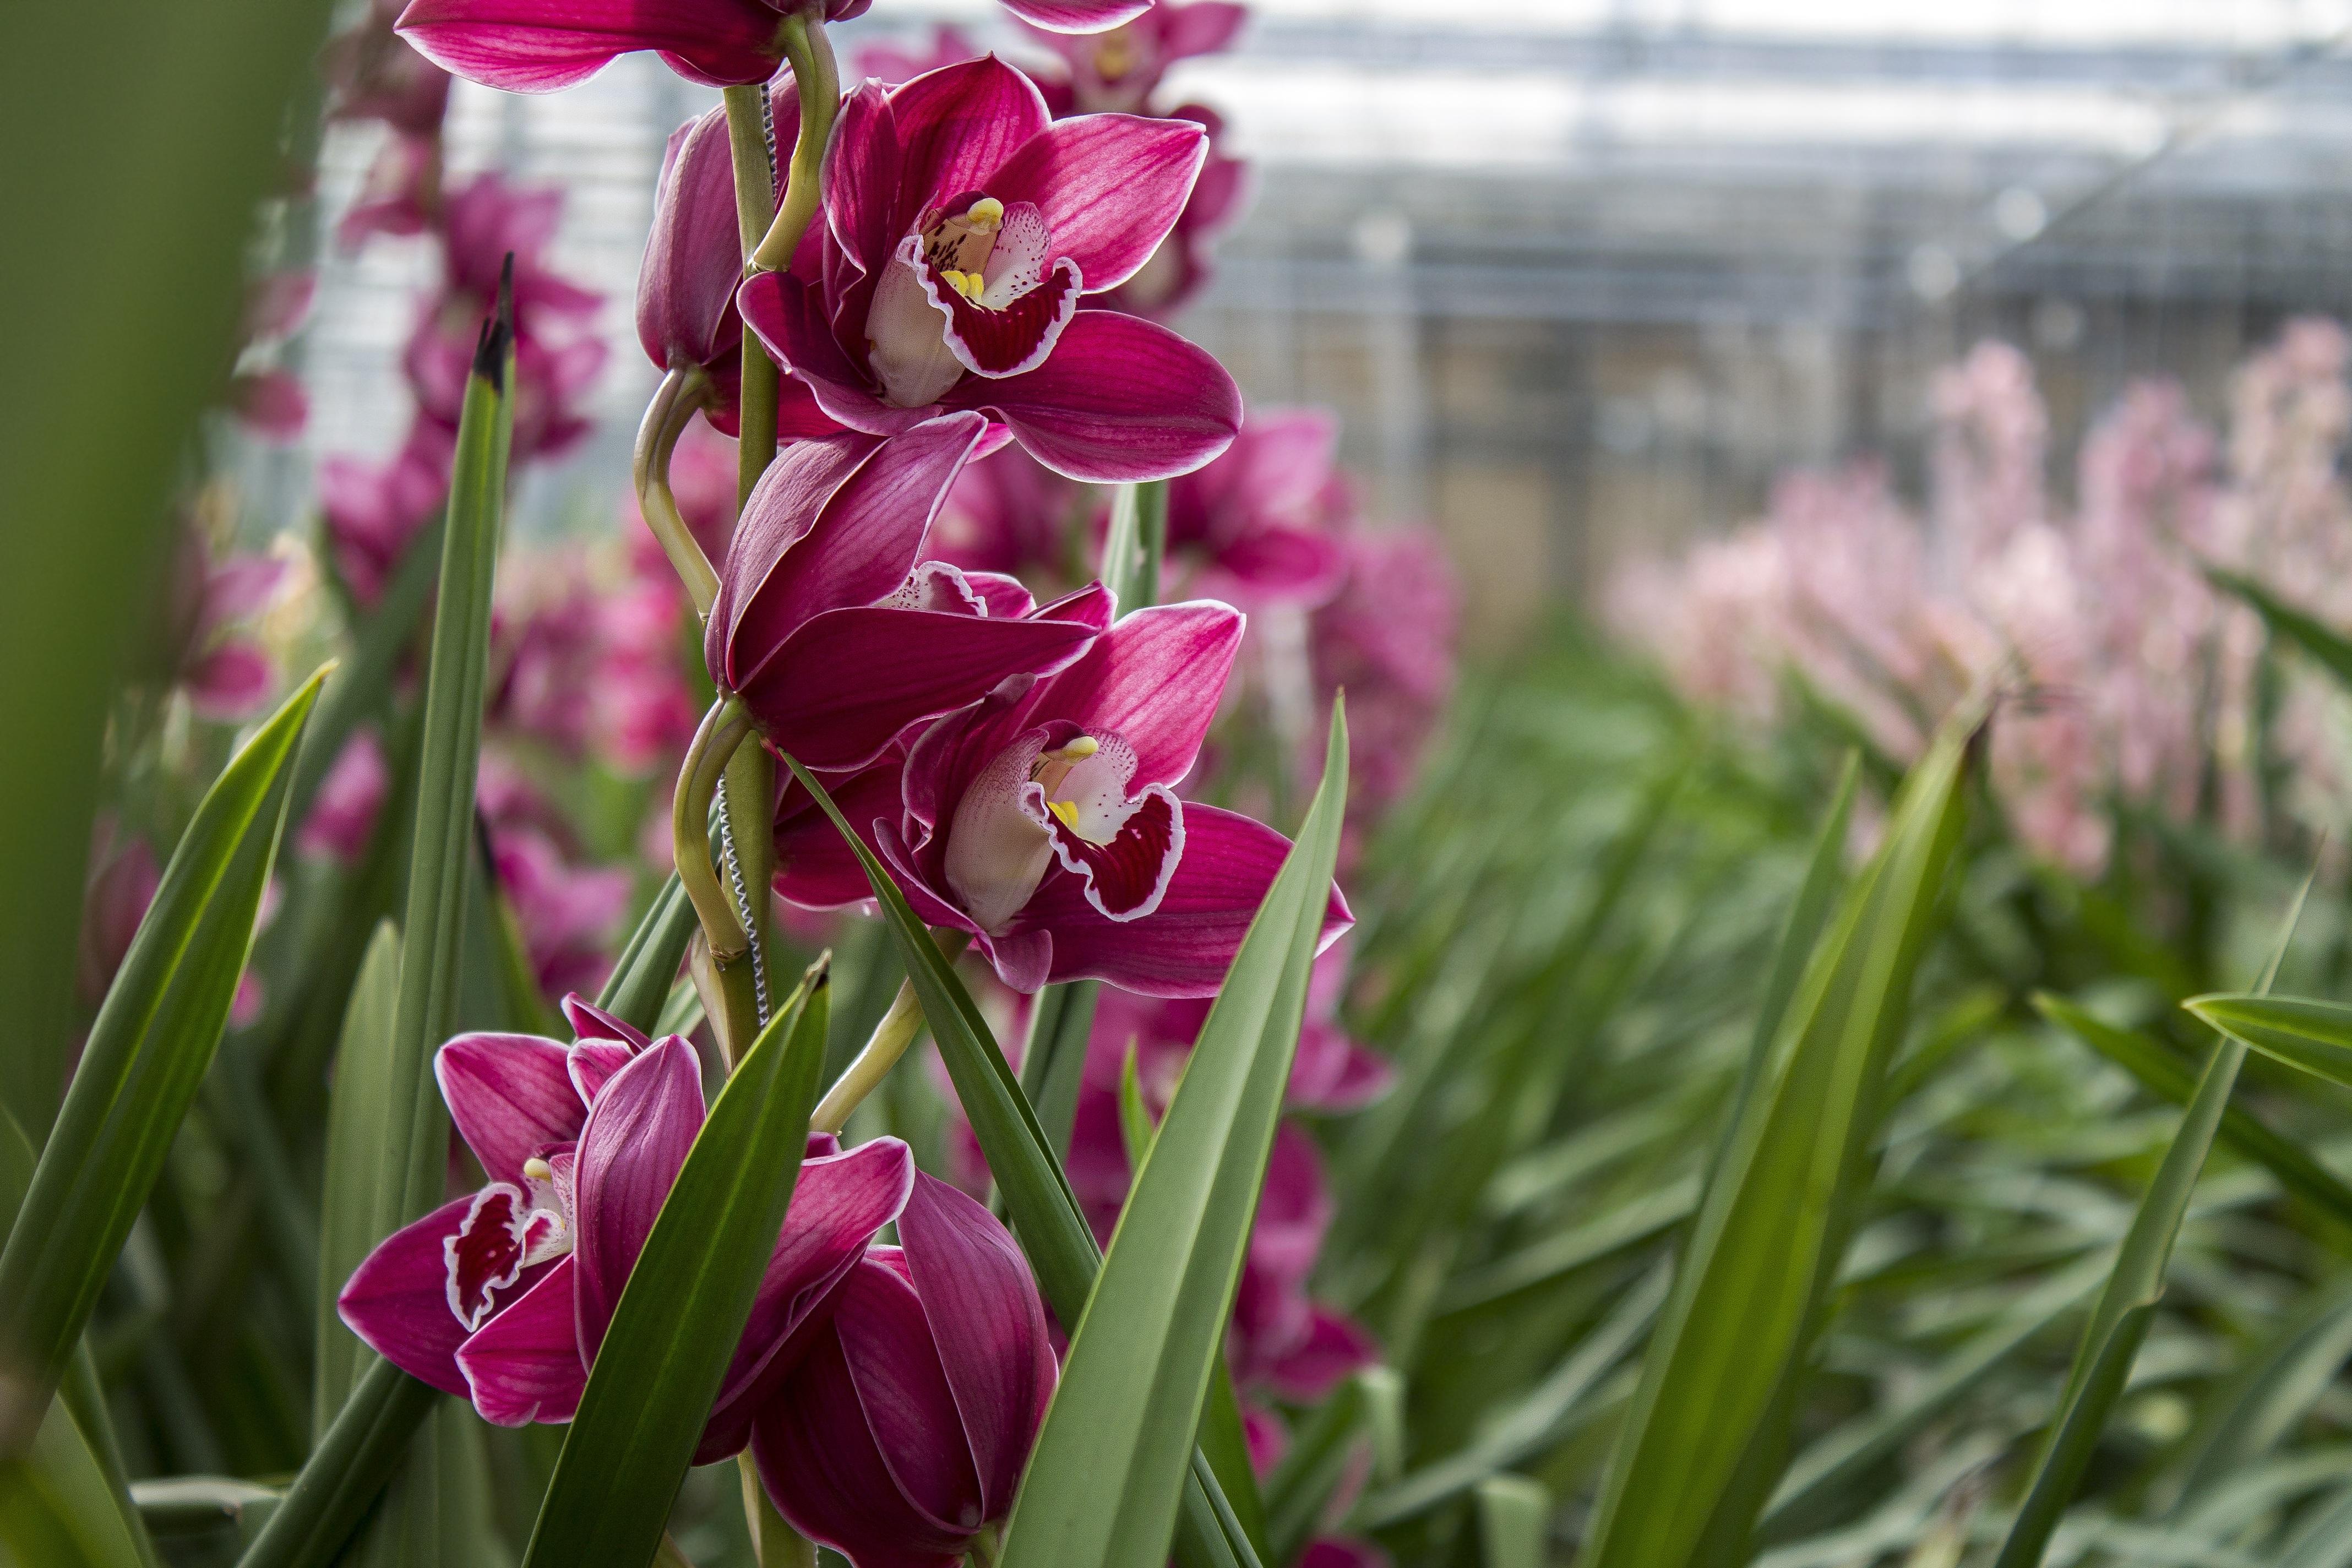 kostenlose foto natur bl hen blume lila gr n botanik bunt garten rosa flora. Black Bedroom Furniture Sets. Home Design Ideas